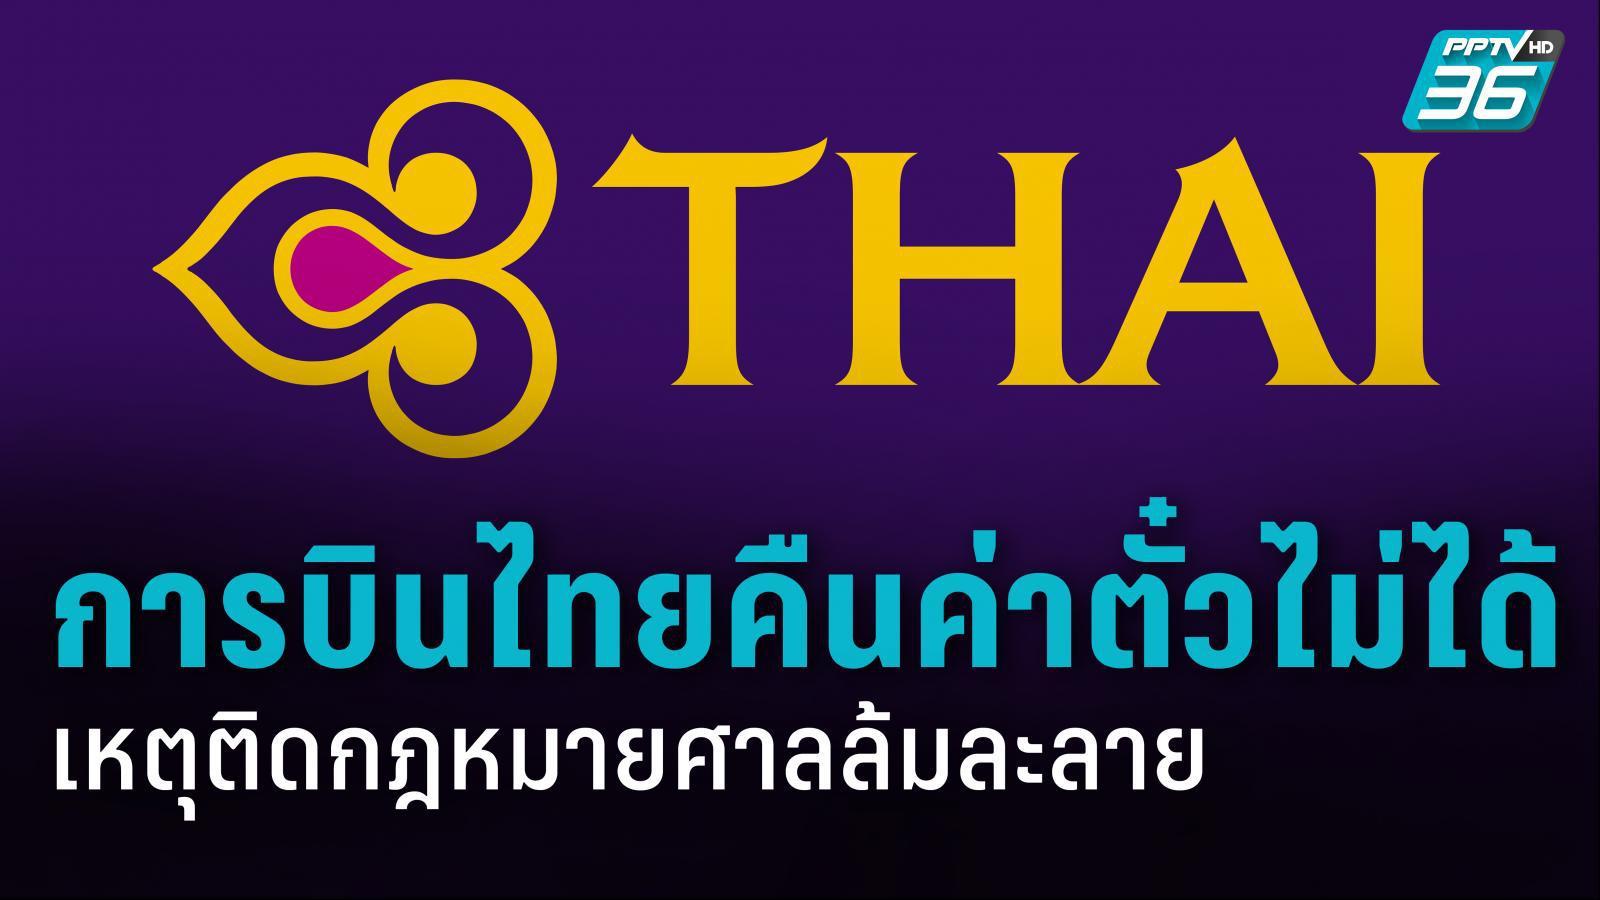 """""""การบินไทย"""" แจง คืนเงินค่าตั๋วไม่ได้ เหตุอยู่ในกระบวนการฟื้นฟูกิจการ"""